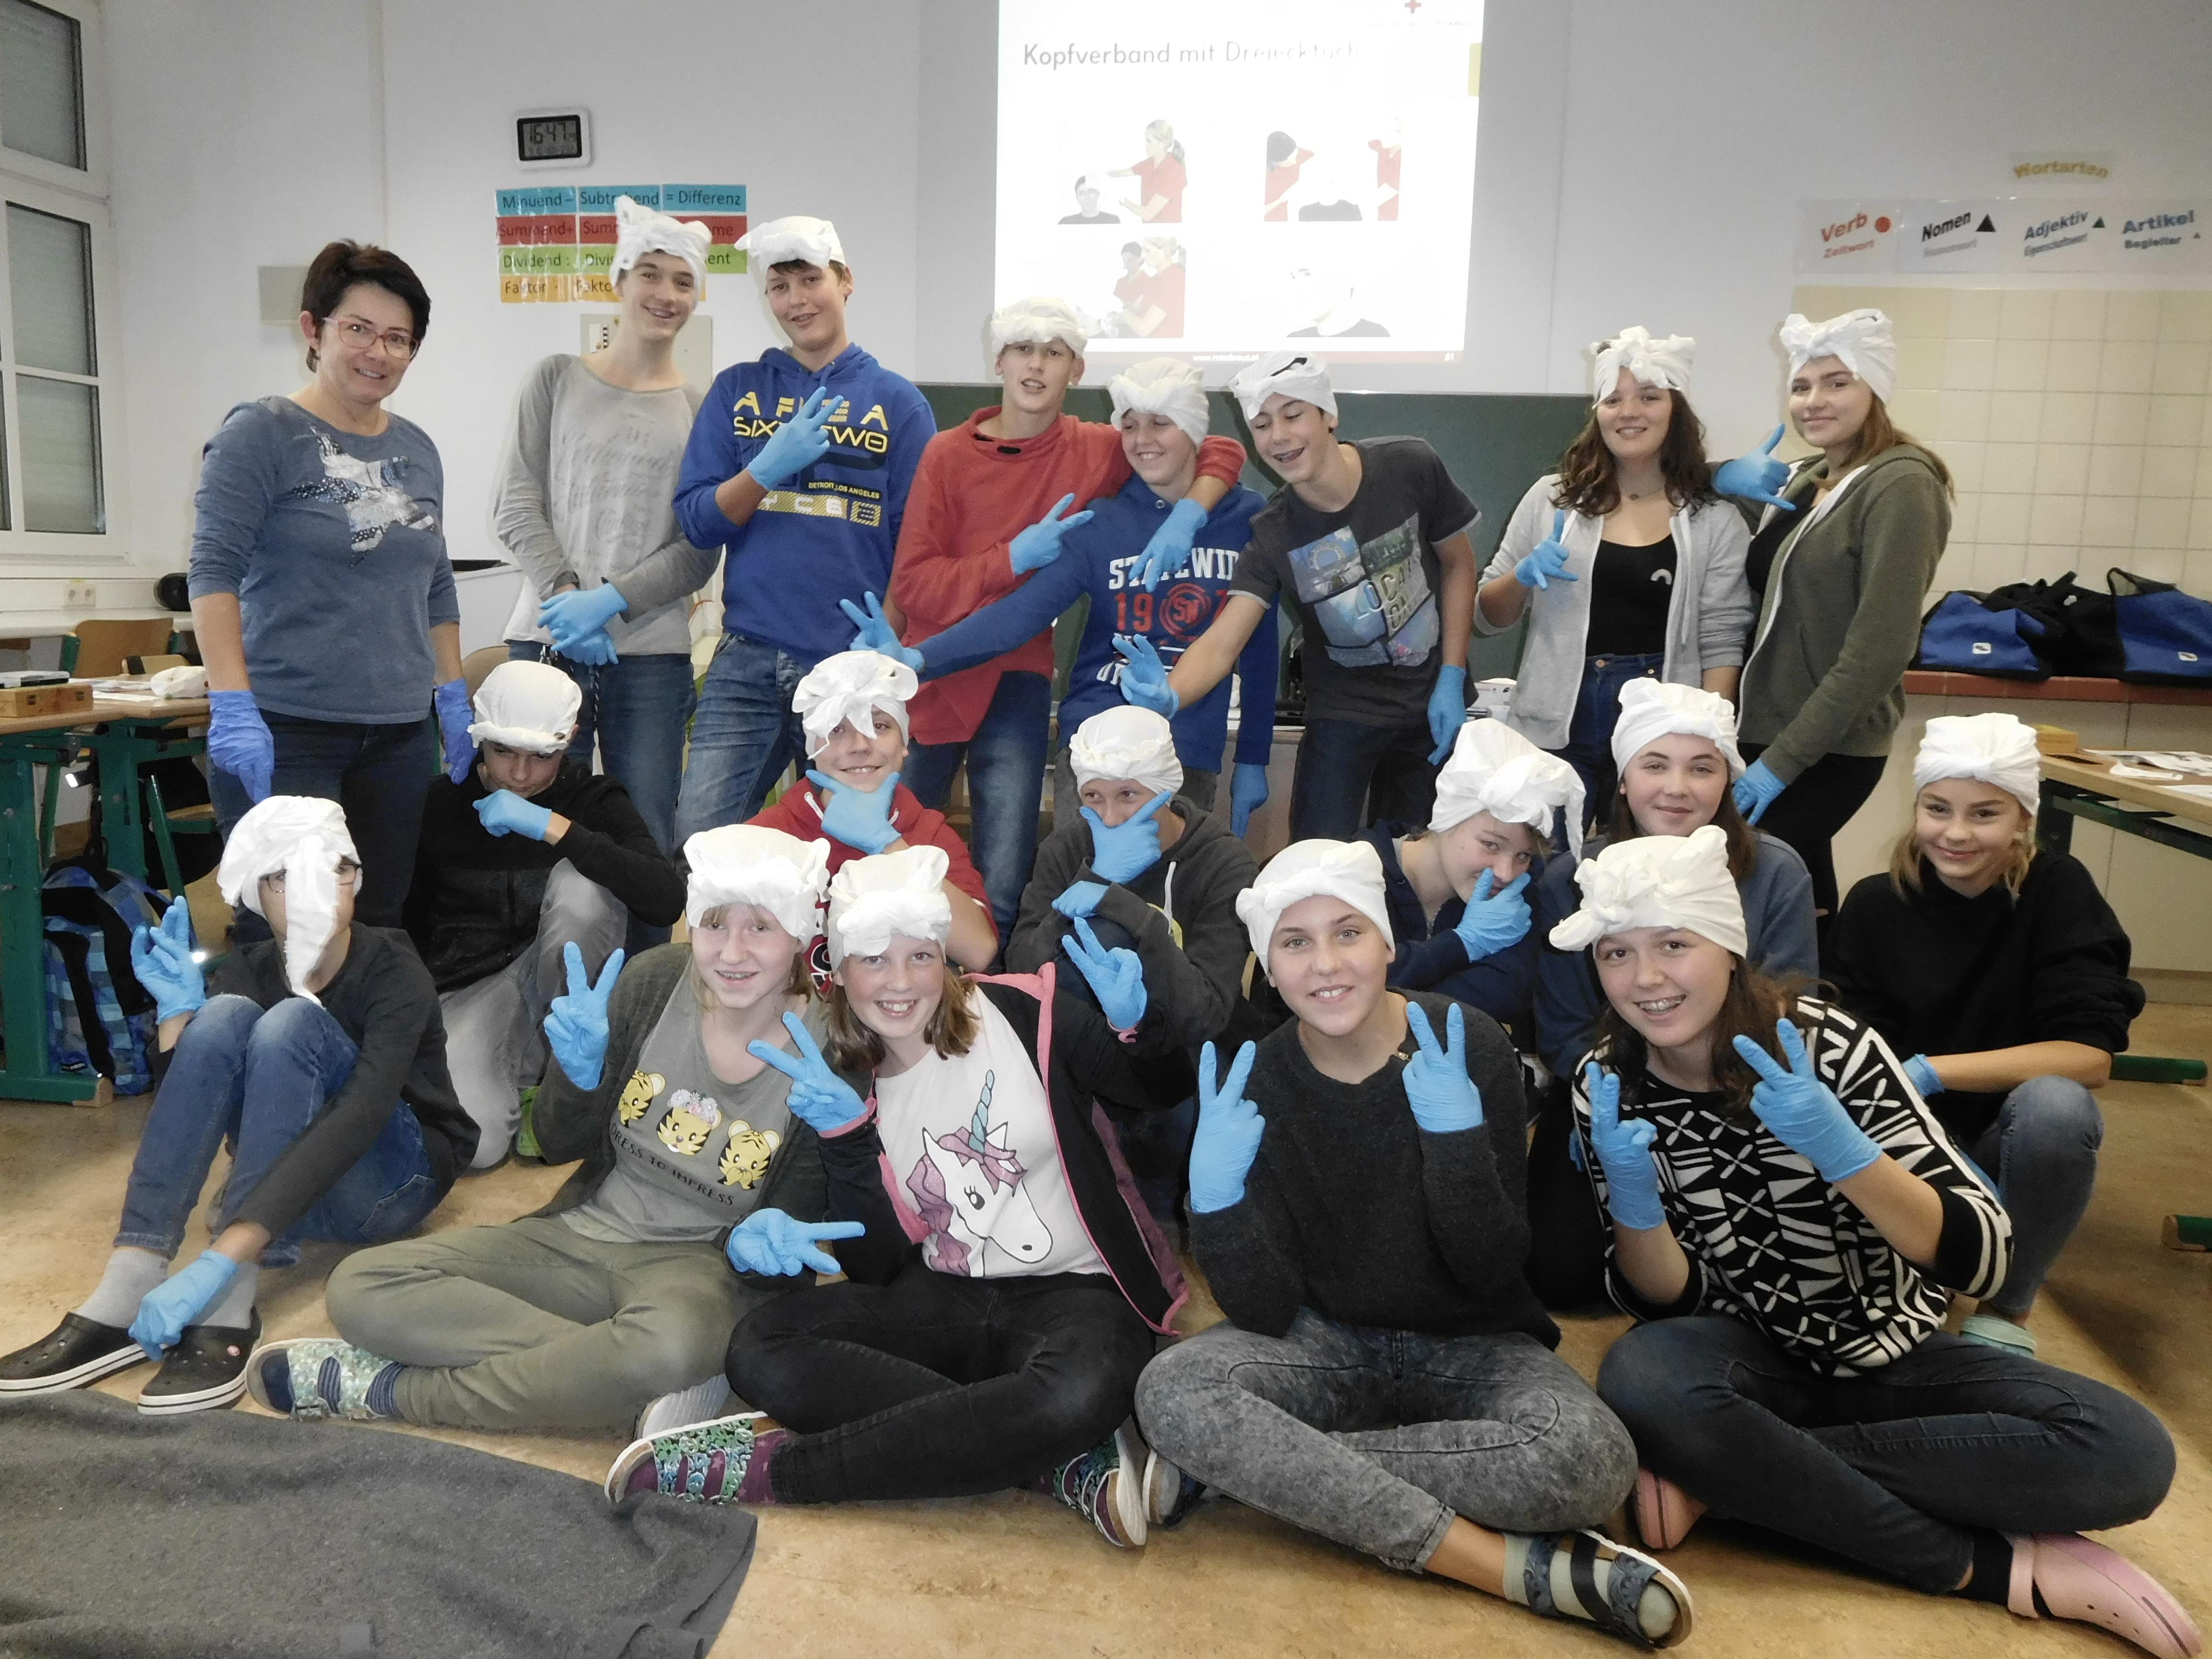 Tanzschule in Bergheim | forsale24.net